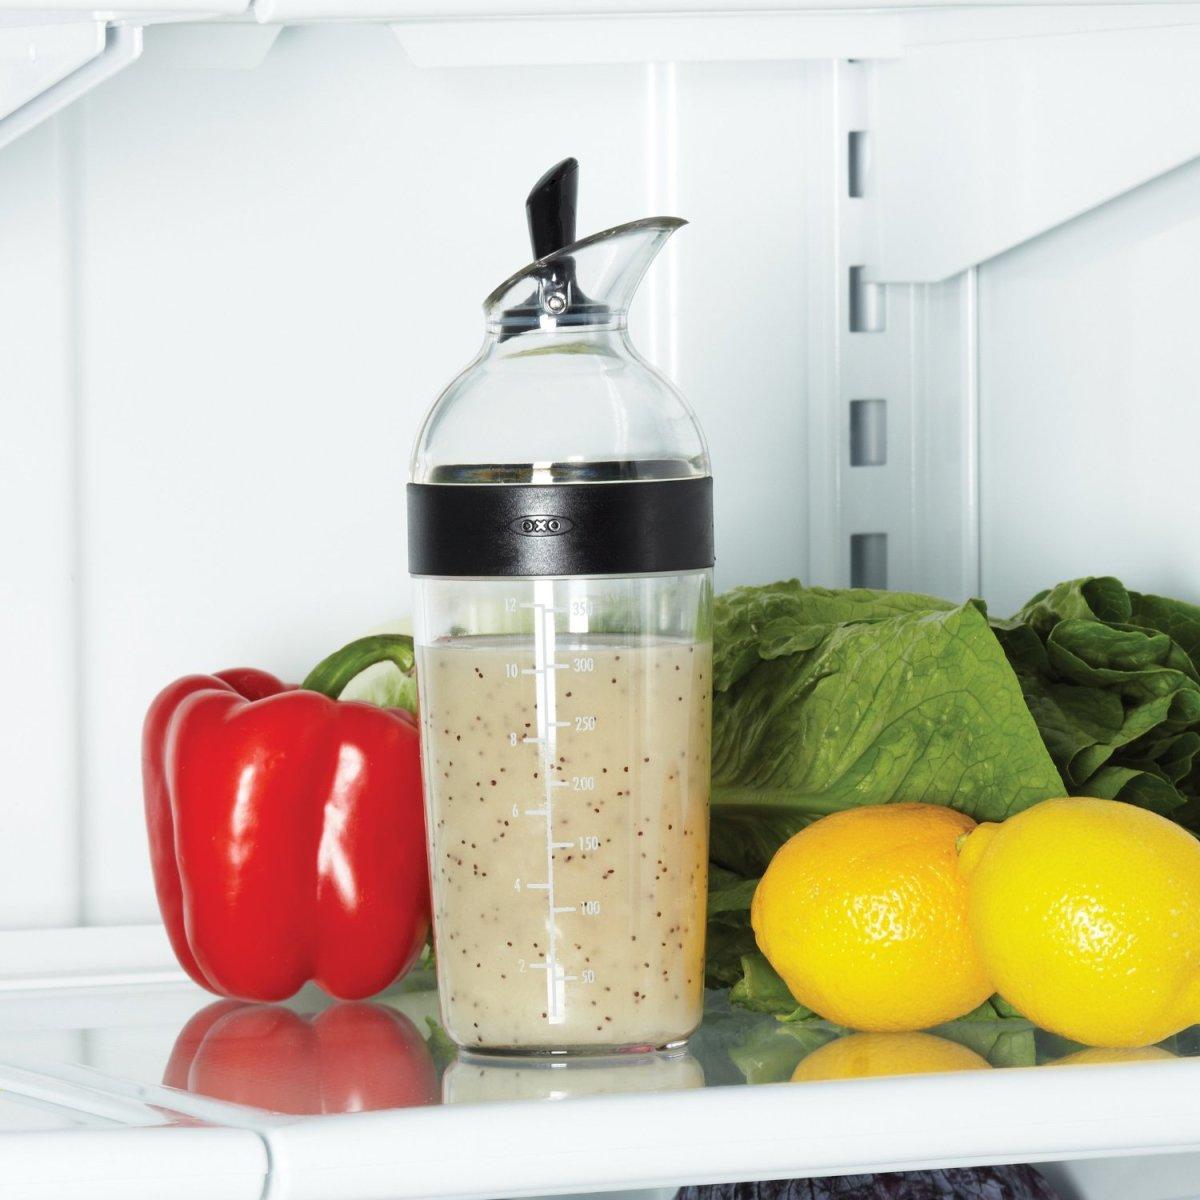 salad dressing mixer